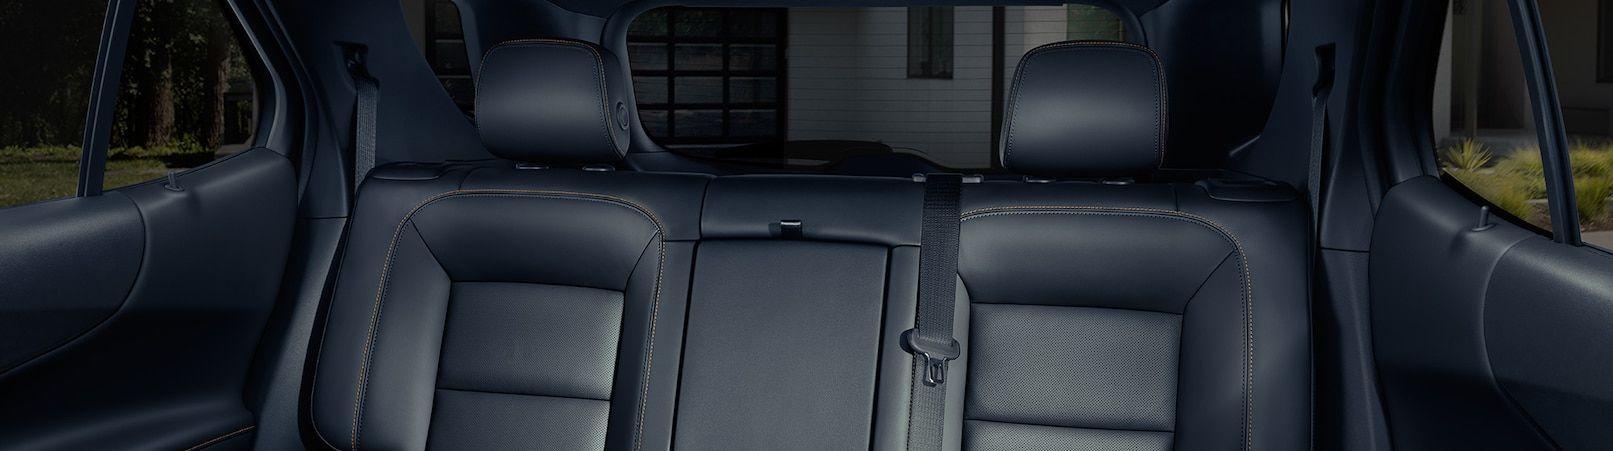 Cozy Rear Seats in the 2019 Equinox